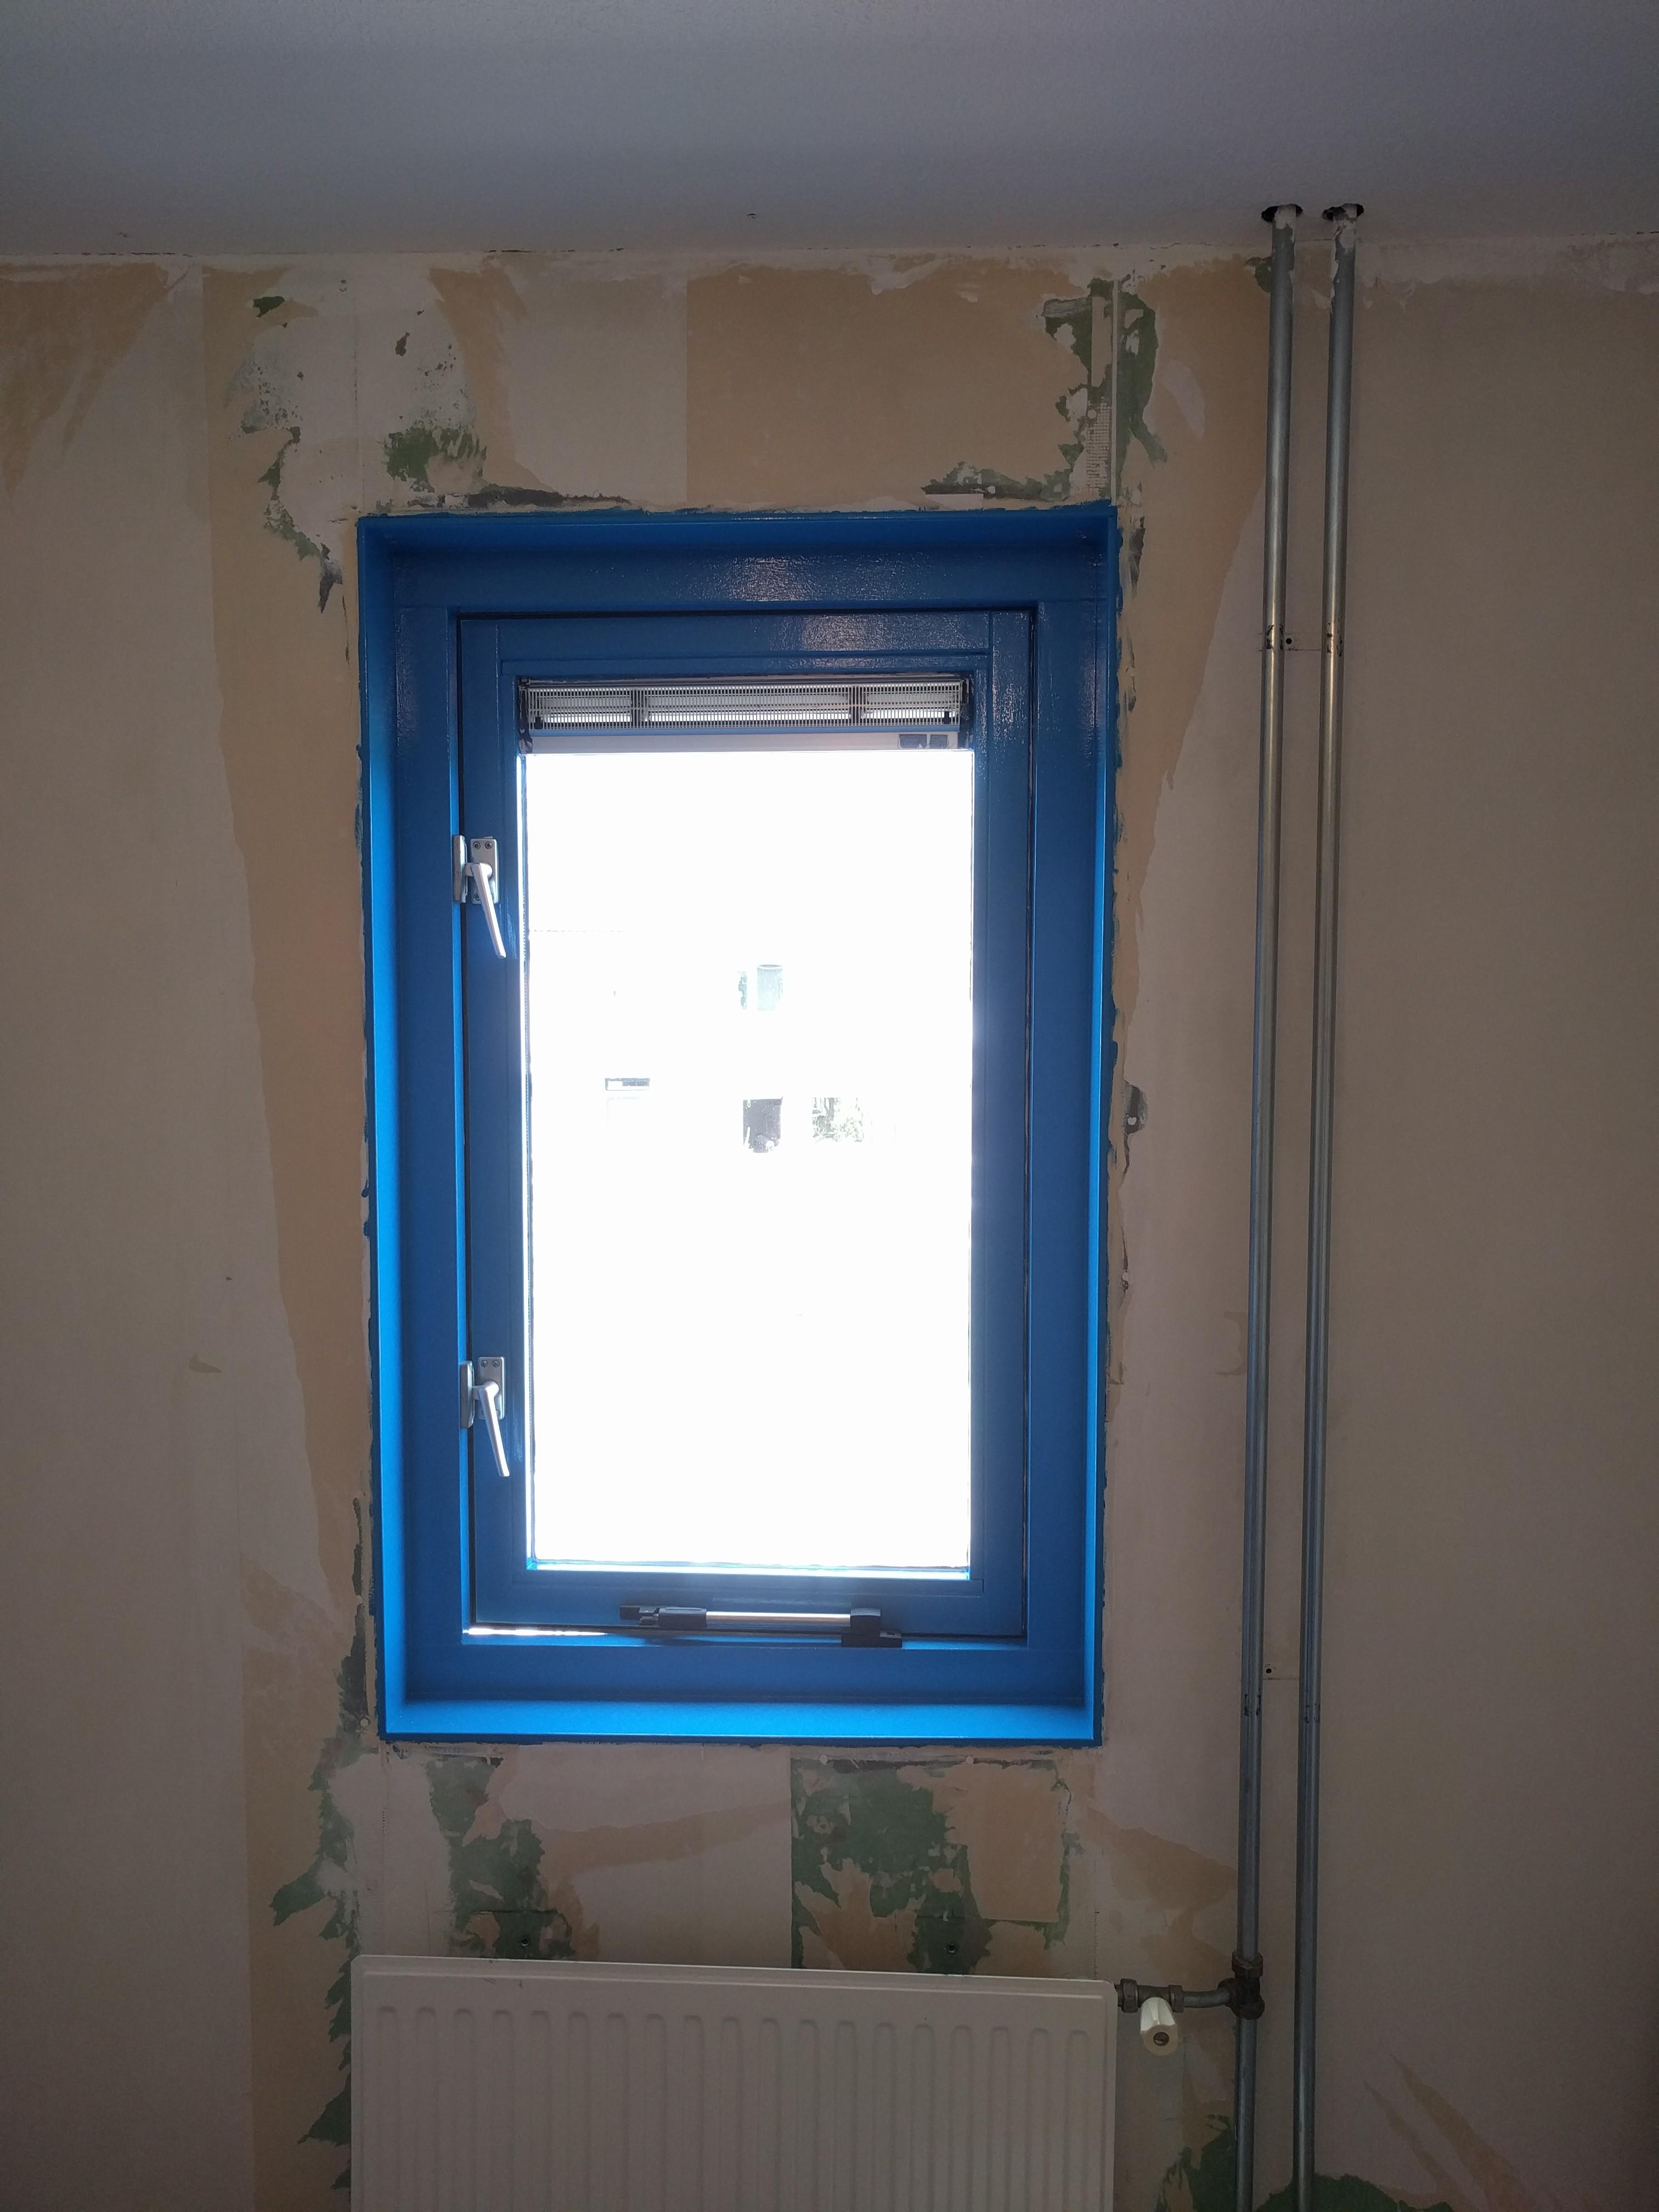 raam gaat naar buiten open en wij willen gordijn ophangen tussen blauw kozijn alvast bedankt arjen wullems 062e